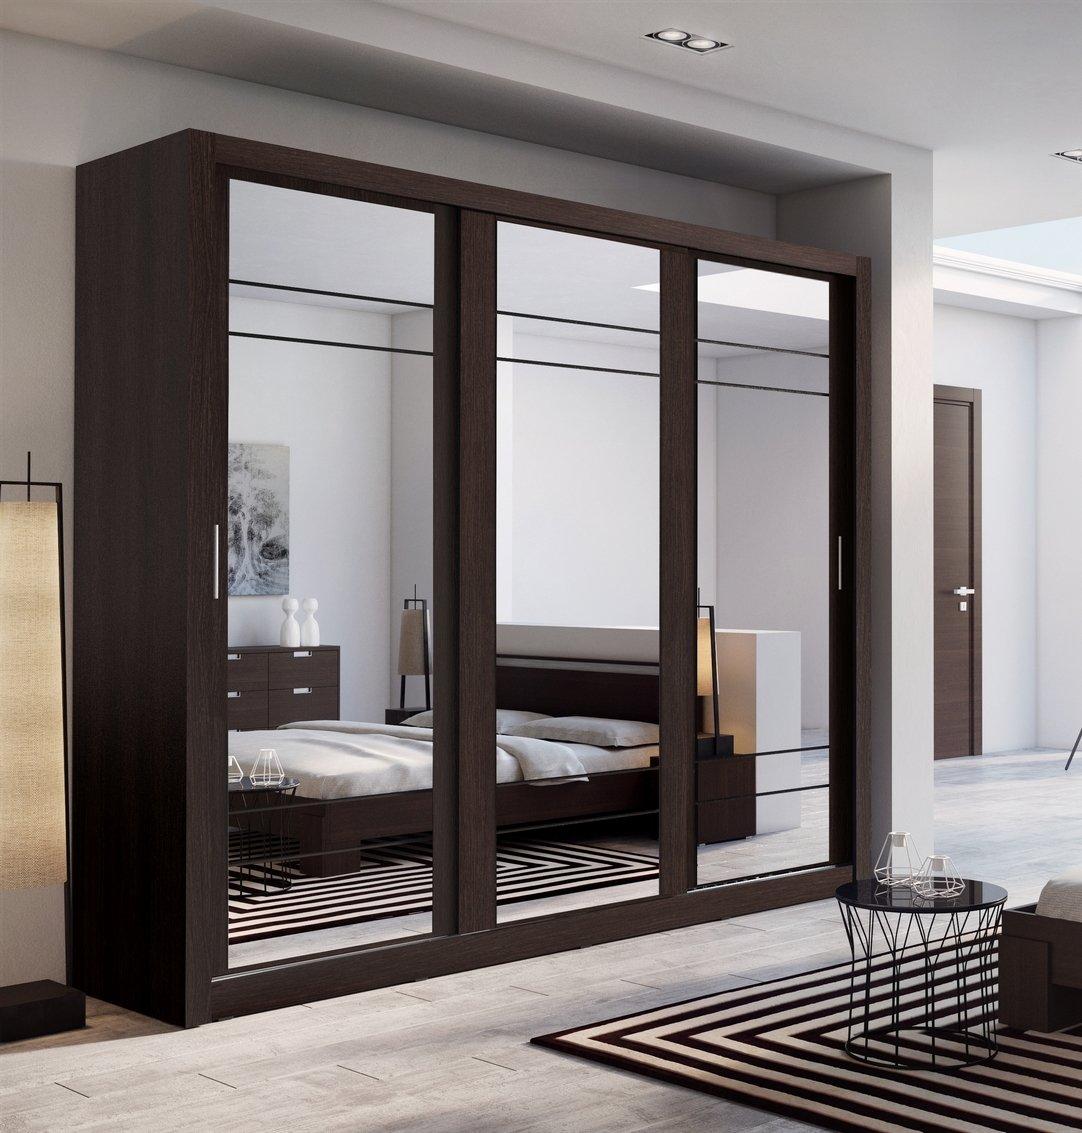 Modern Bedroom Door Brand New Modern Bedroom Mirror Sliding Door Wardrobe Arti 5 In